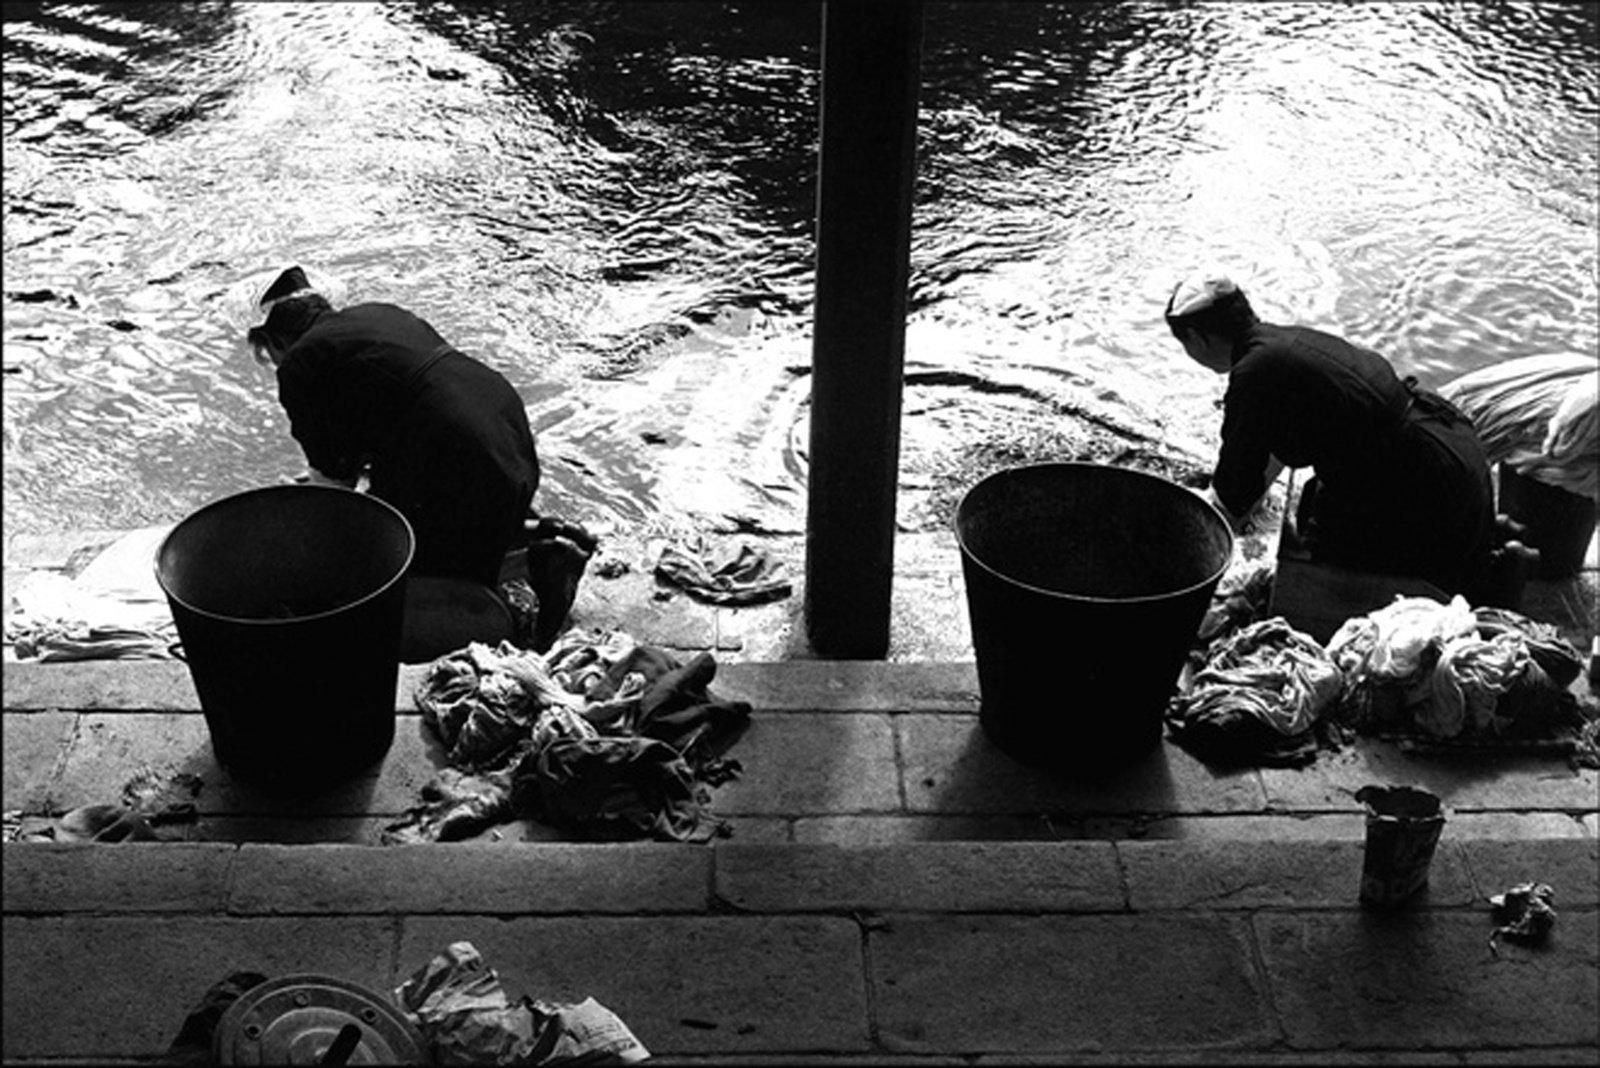 Les lavandières Bretagne, 1954 © Sabine Weiss